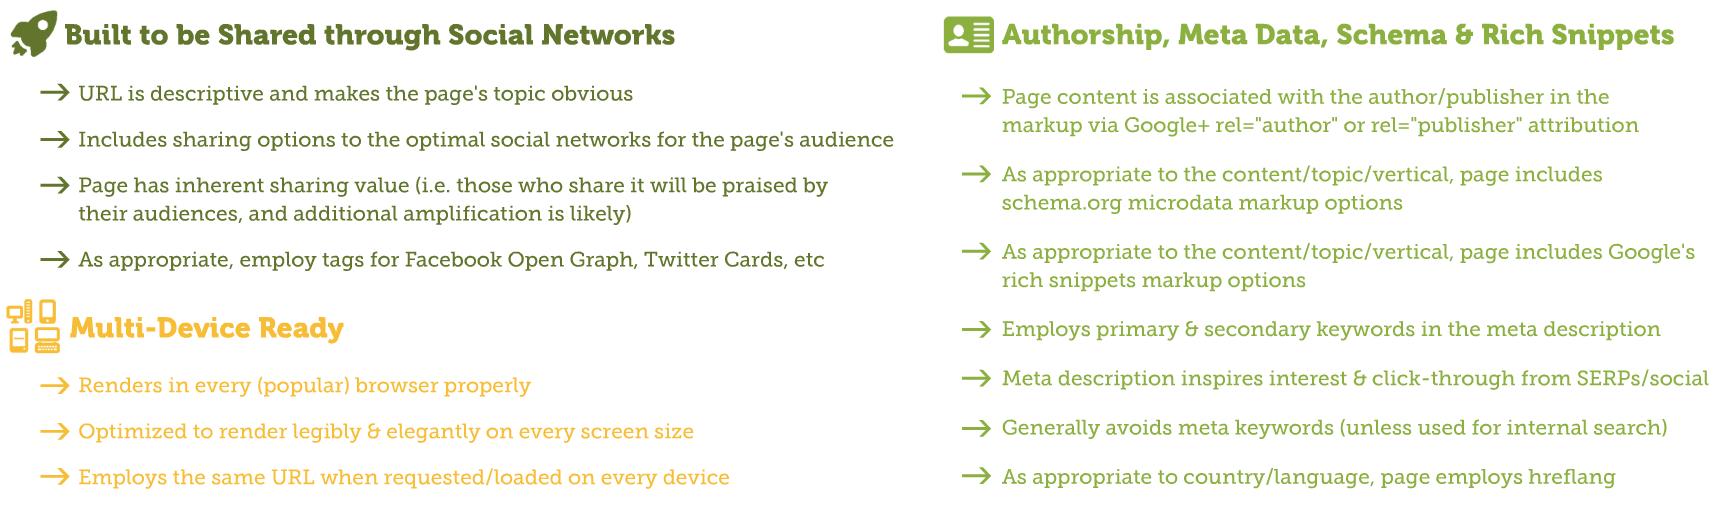 Przykład użycia ikon, aby usprawnić stronę internetową